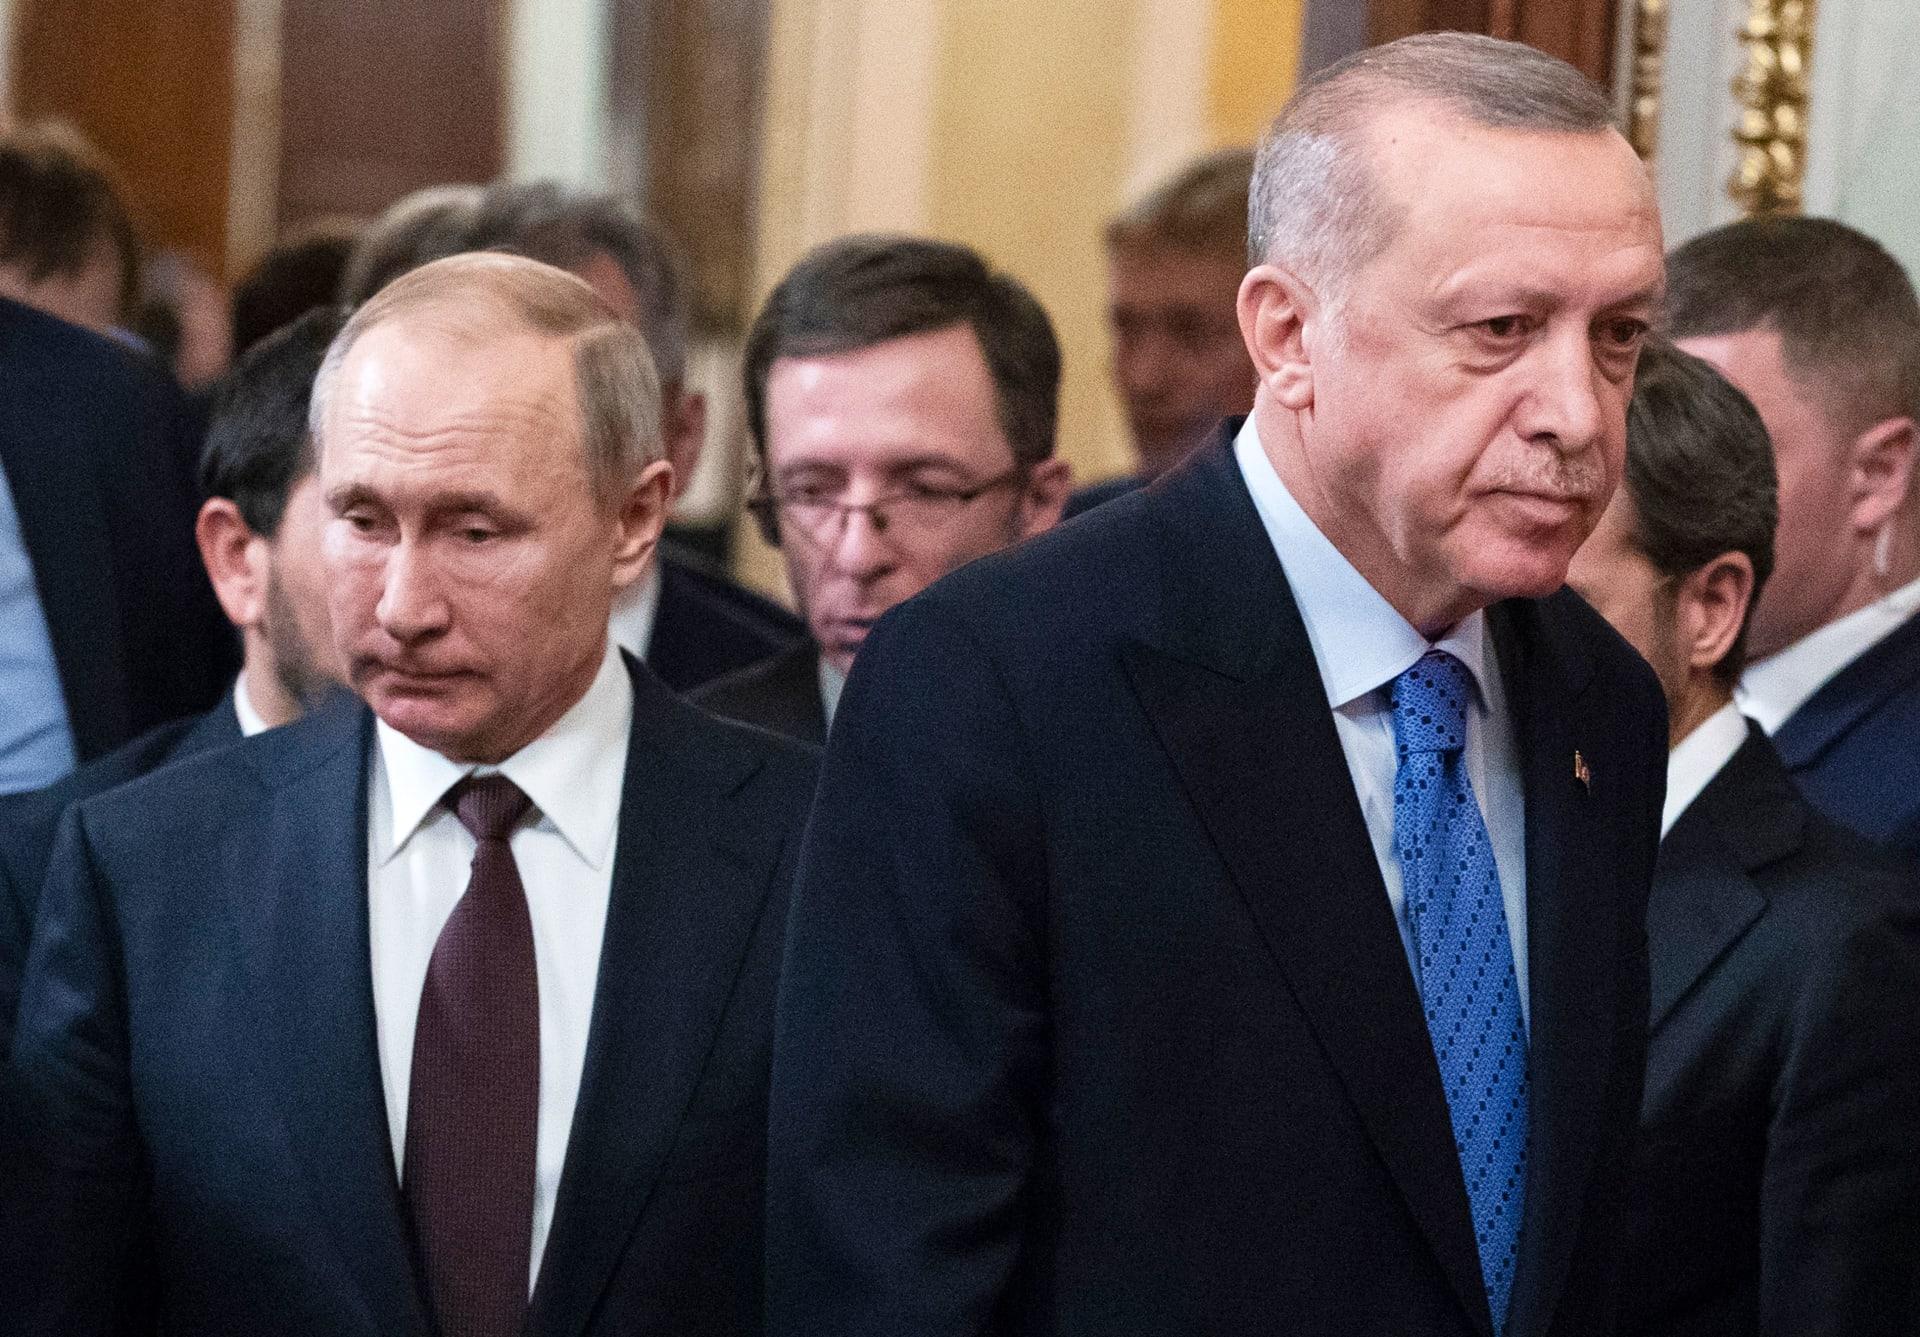 بوتين وأردوغان قبيل إعلان اتفاق وقف إطلاق النار بإدلب في 5 مارس/ آذار